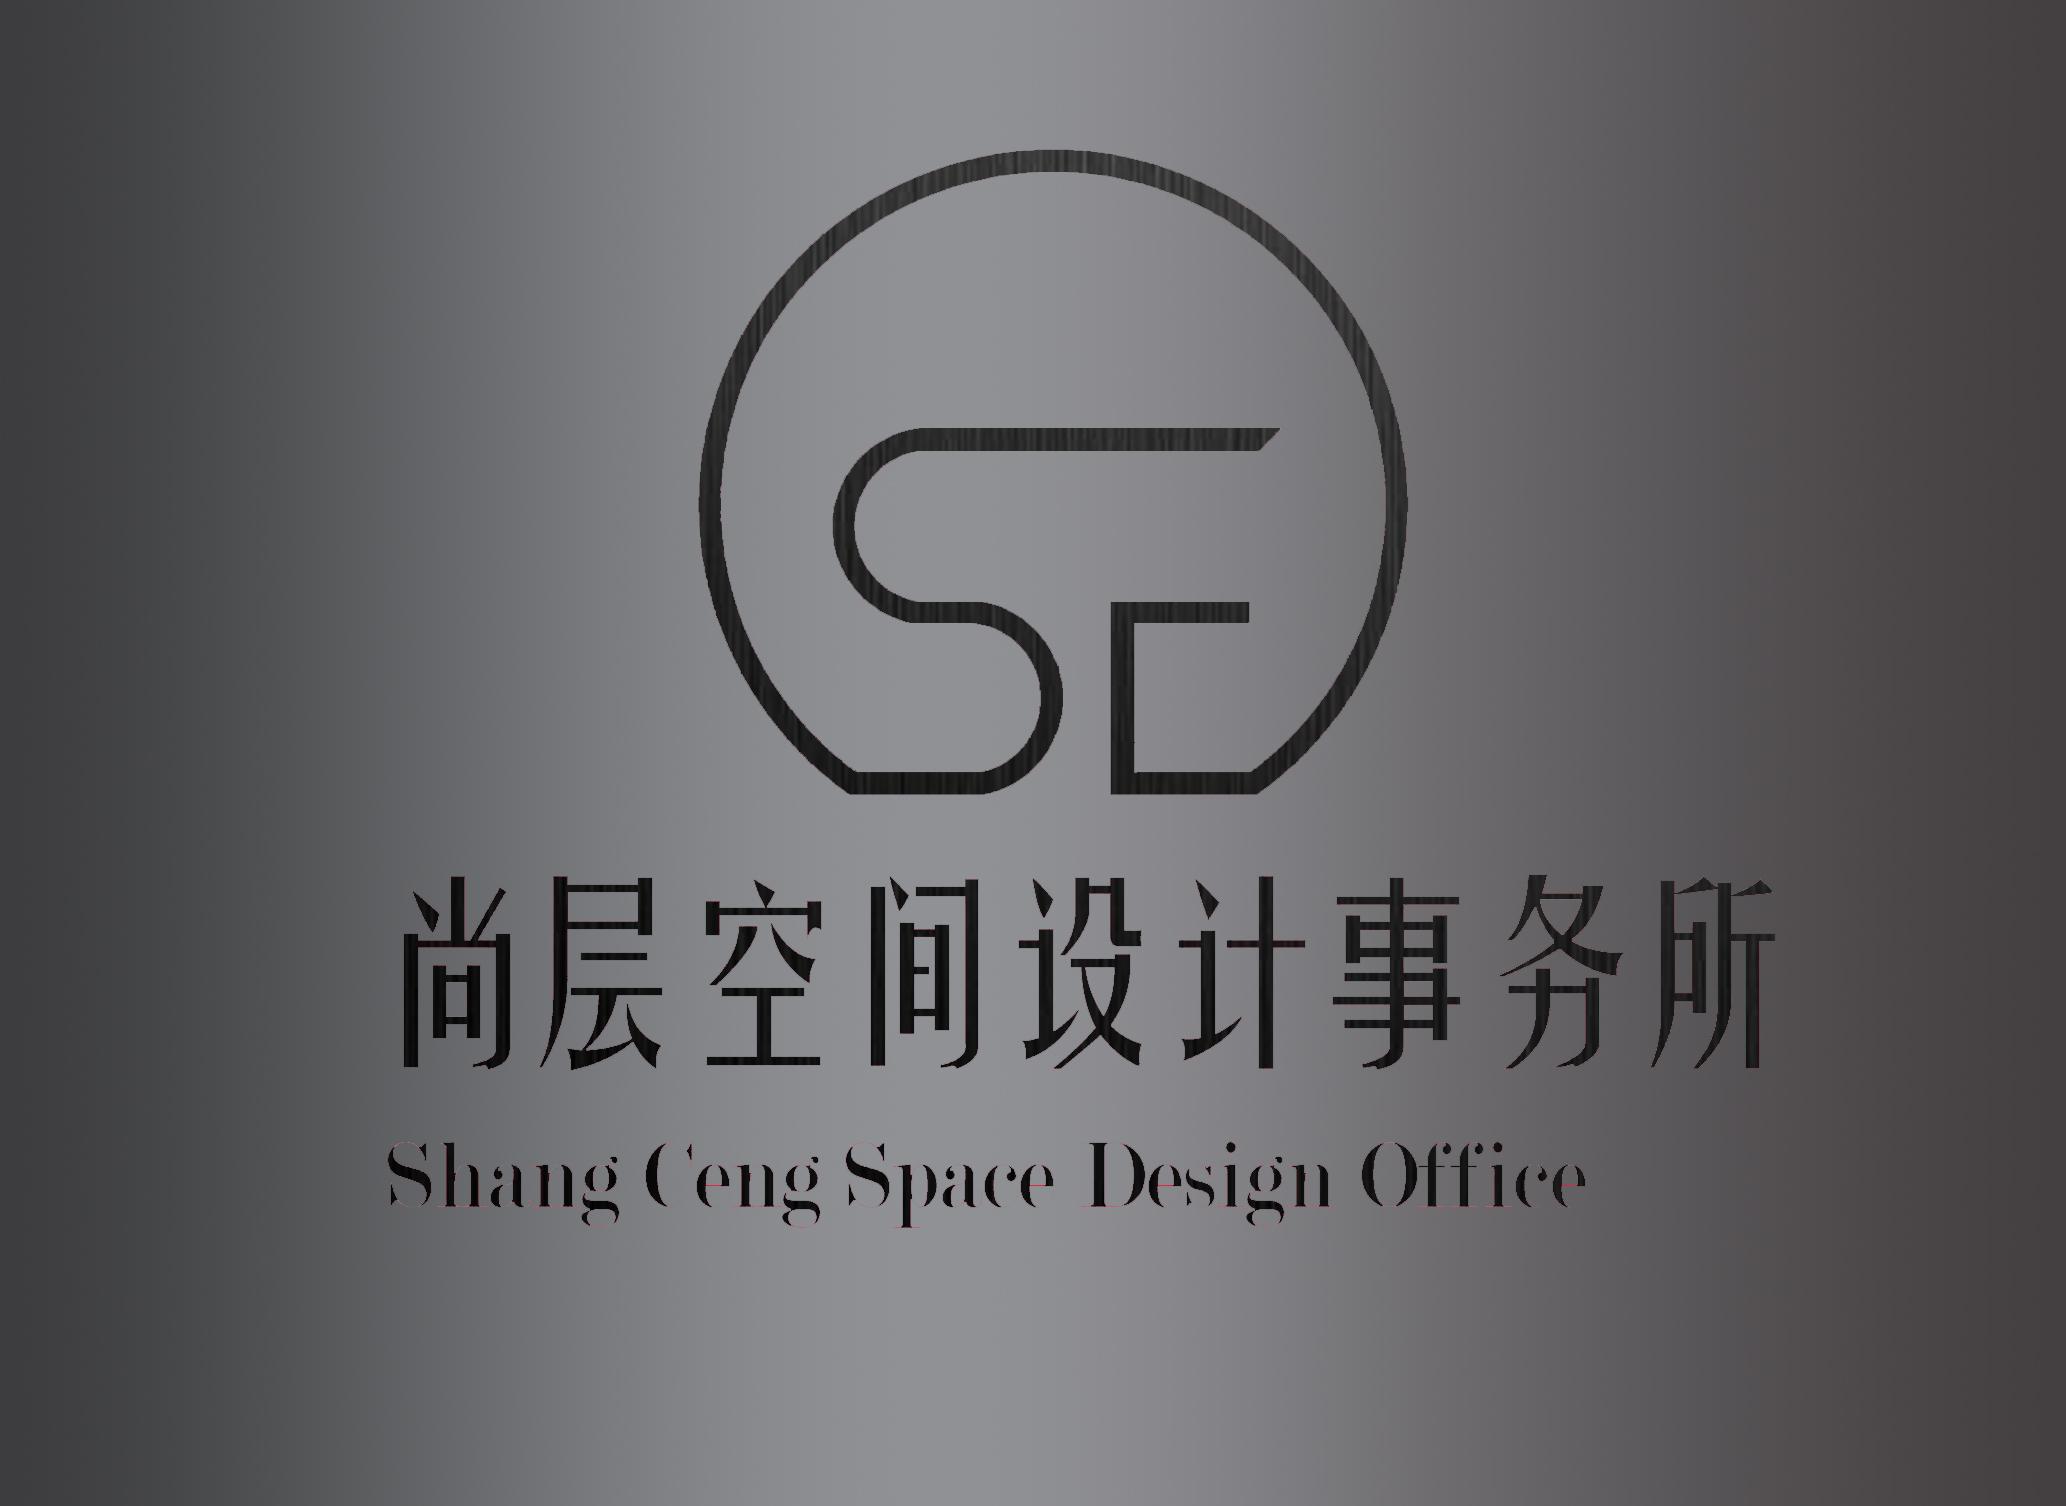 尚层空间设计事务所